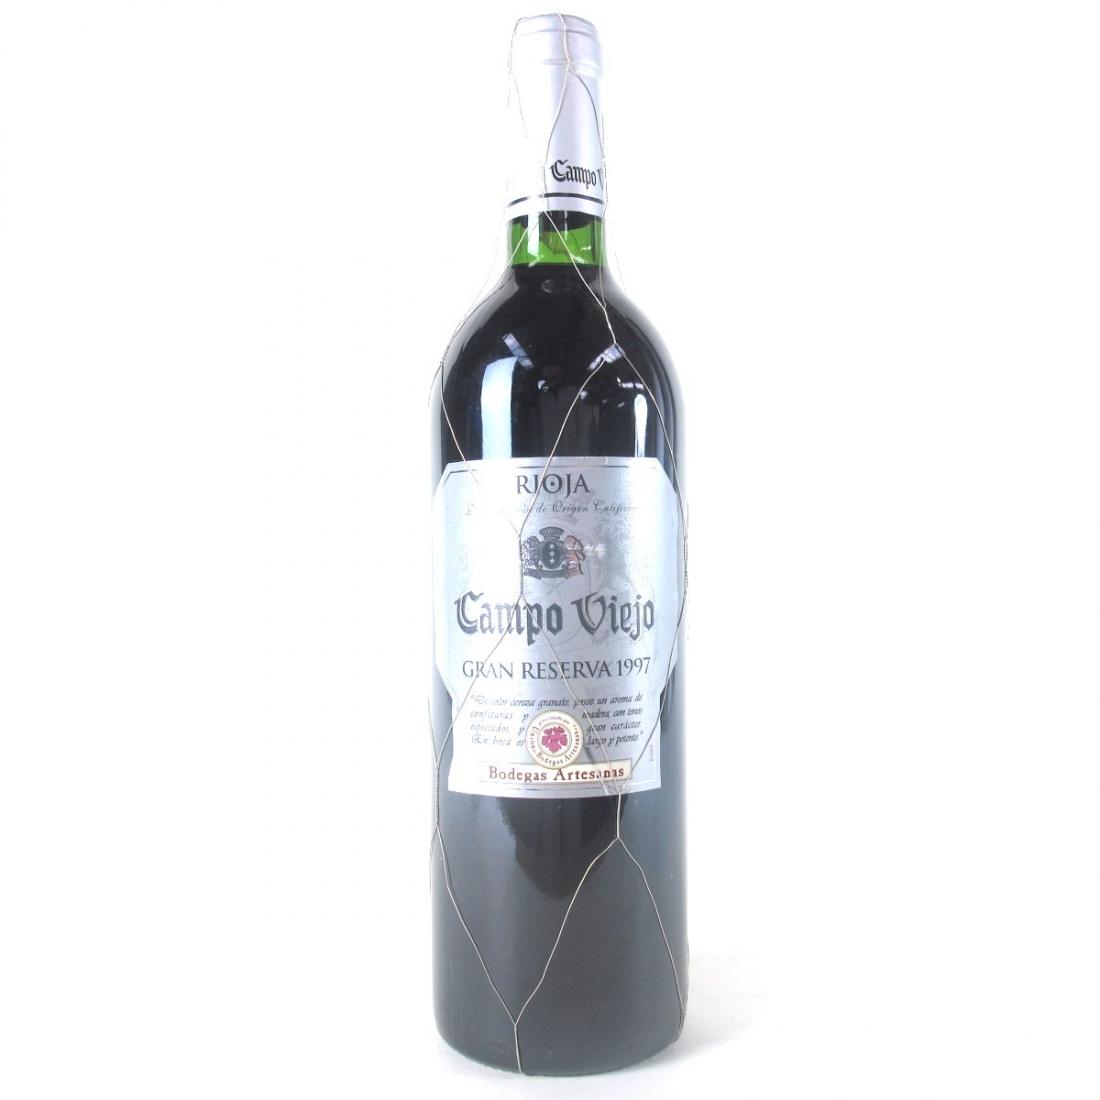 Campo Viejo 1997 Rioja Gran Reserva